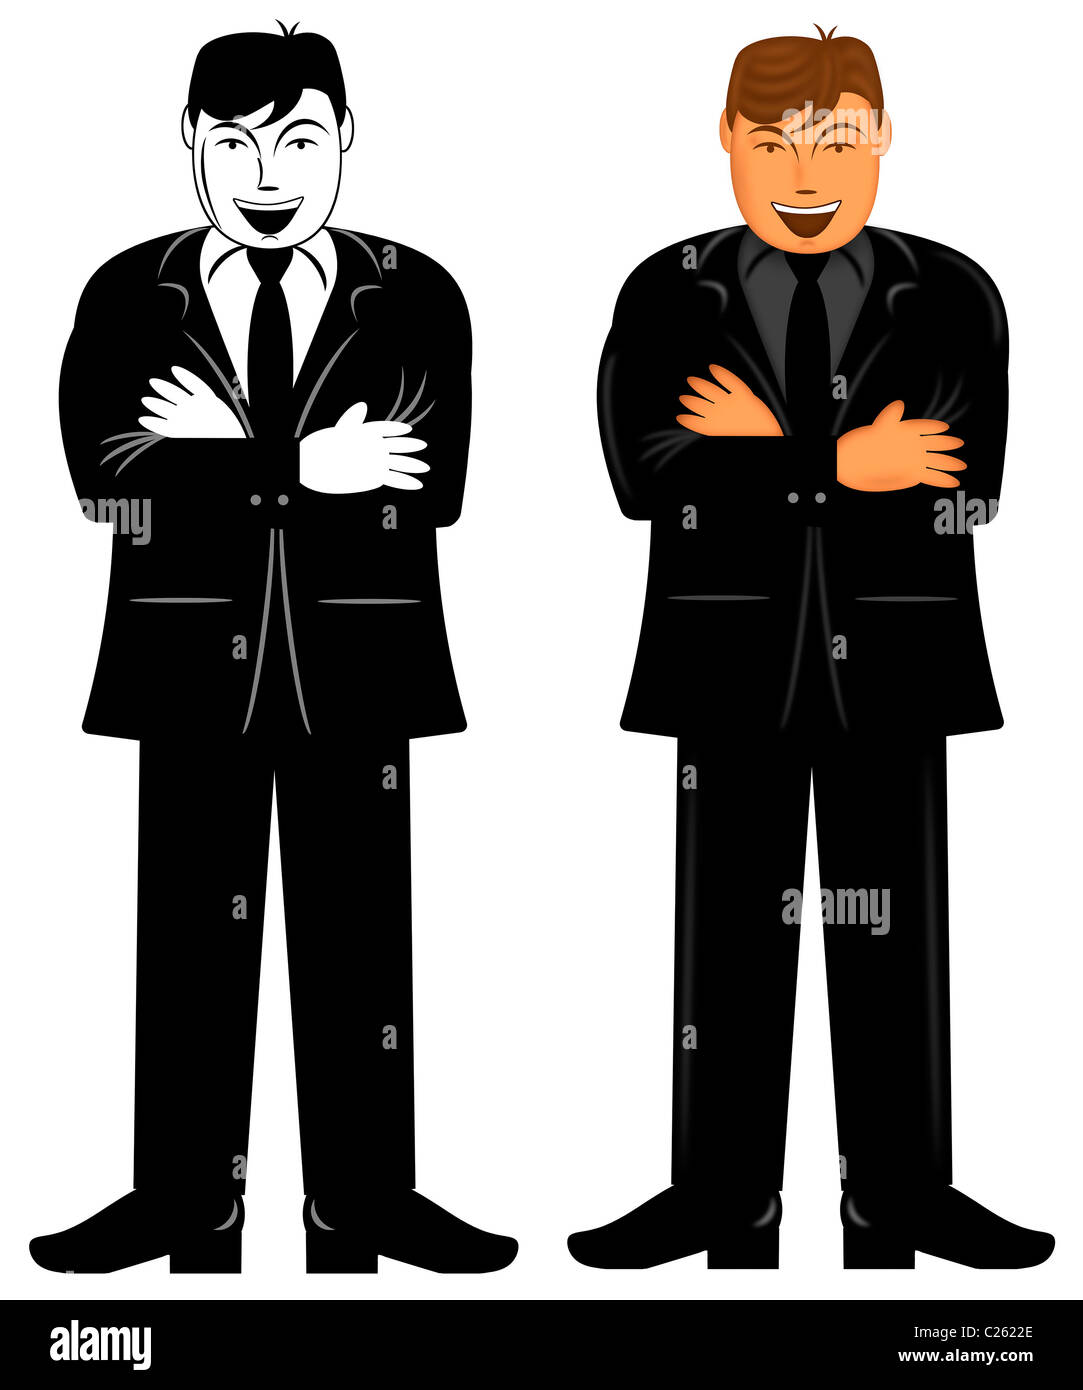 Business Executive männlich stehend mit Armen gefaltet Illustration Stockbild